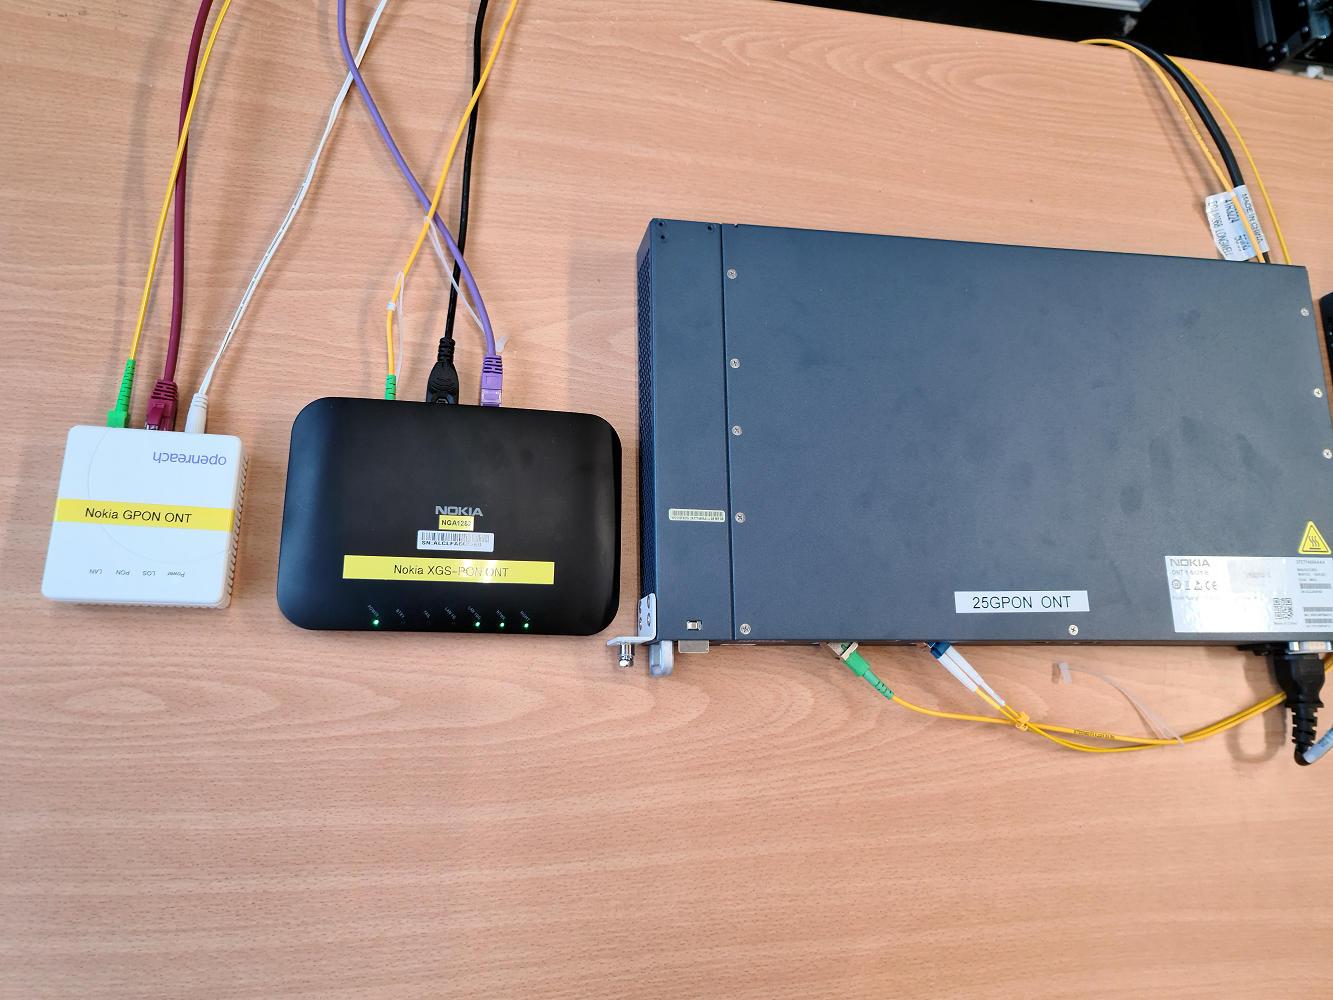 Openreach-Nokia-25G-PON-Test-Hardware-Setup